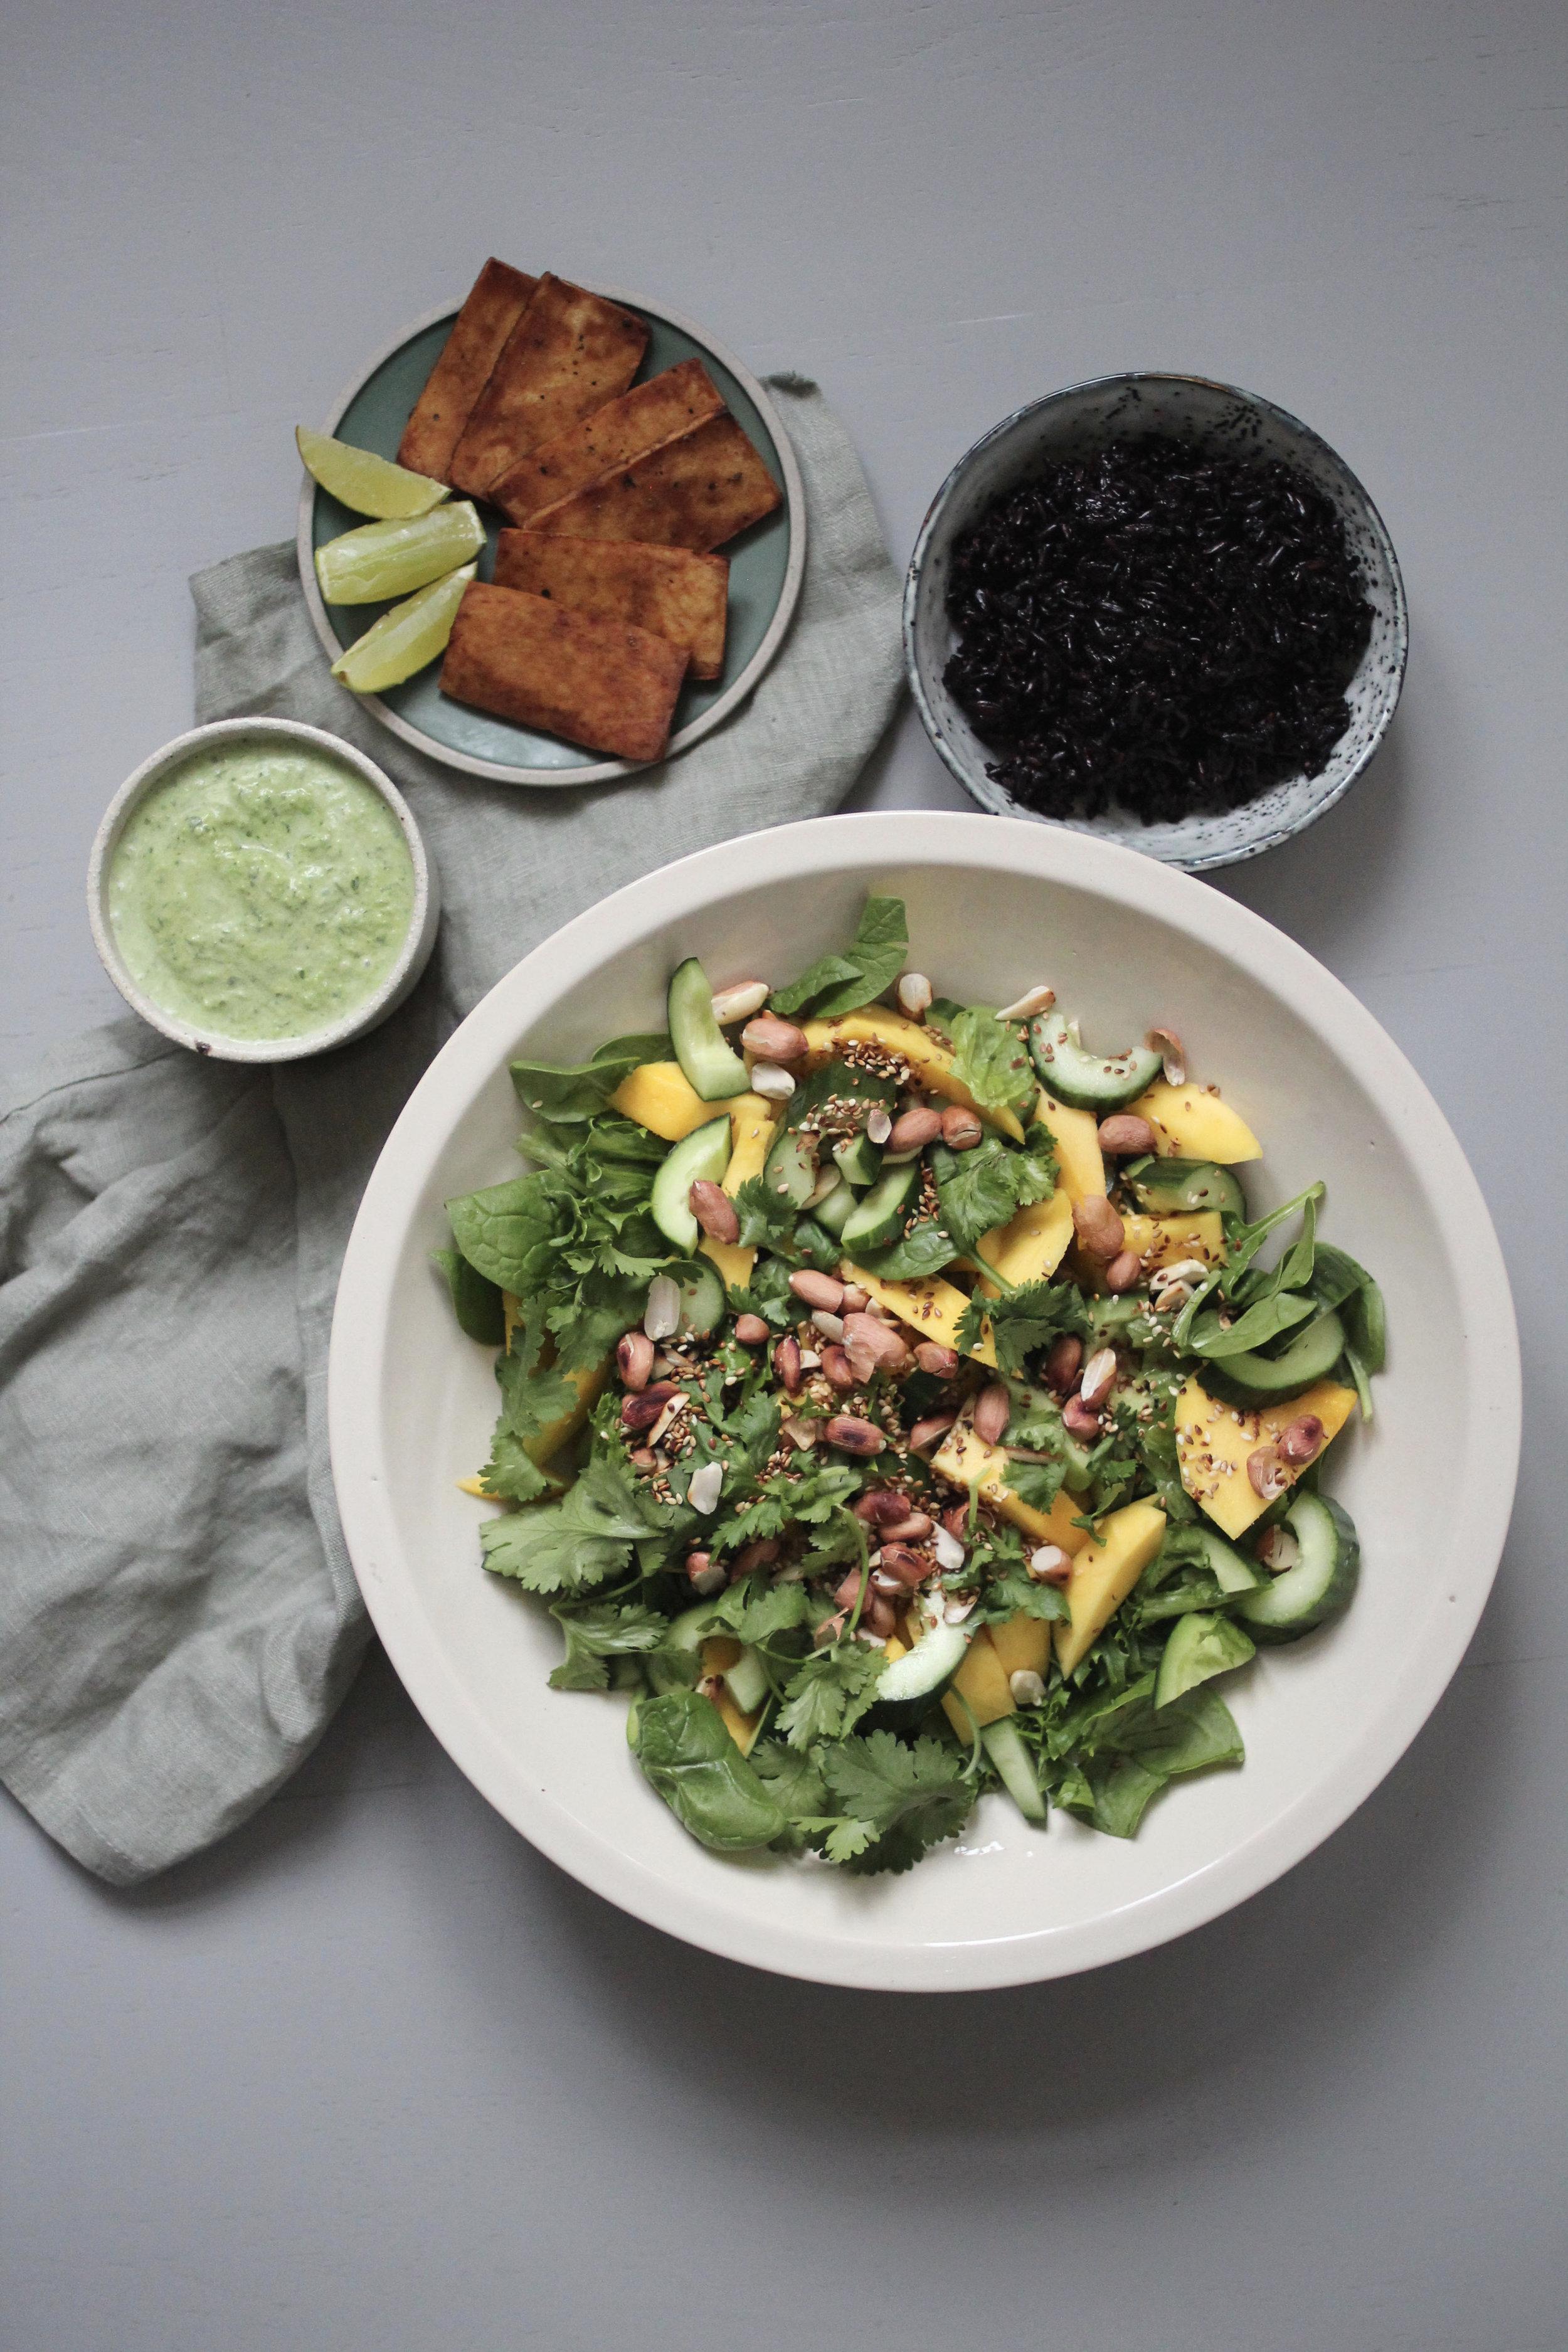 Asiatisksalat-grønnsaus2.jpg